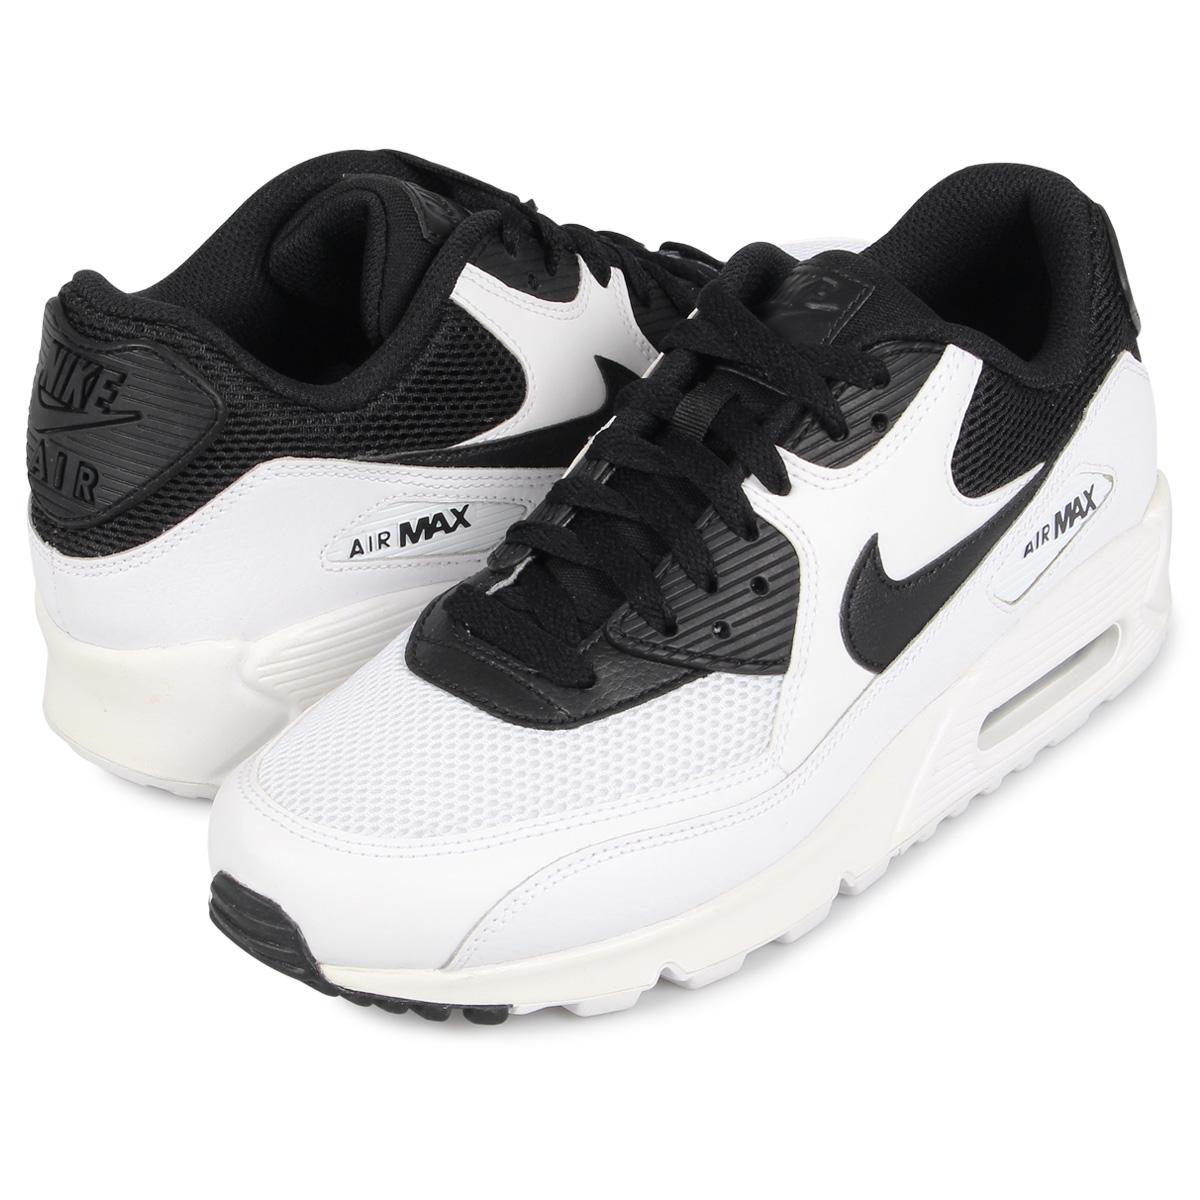 Nike NIKE Air Max 90 essential sneakers men AIR MAX 90 ESSENTIAL white white 537,384 131